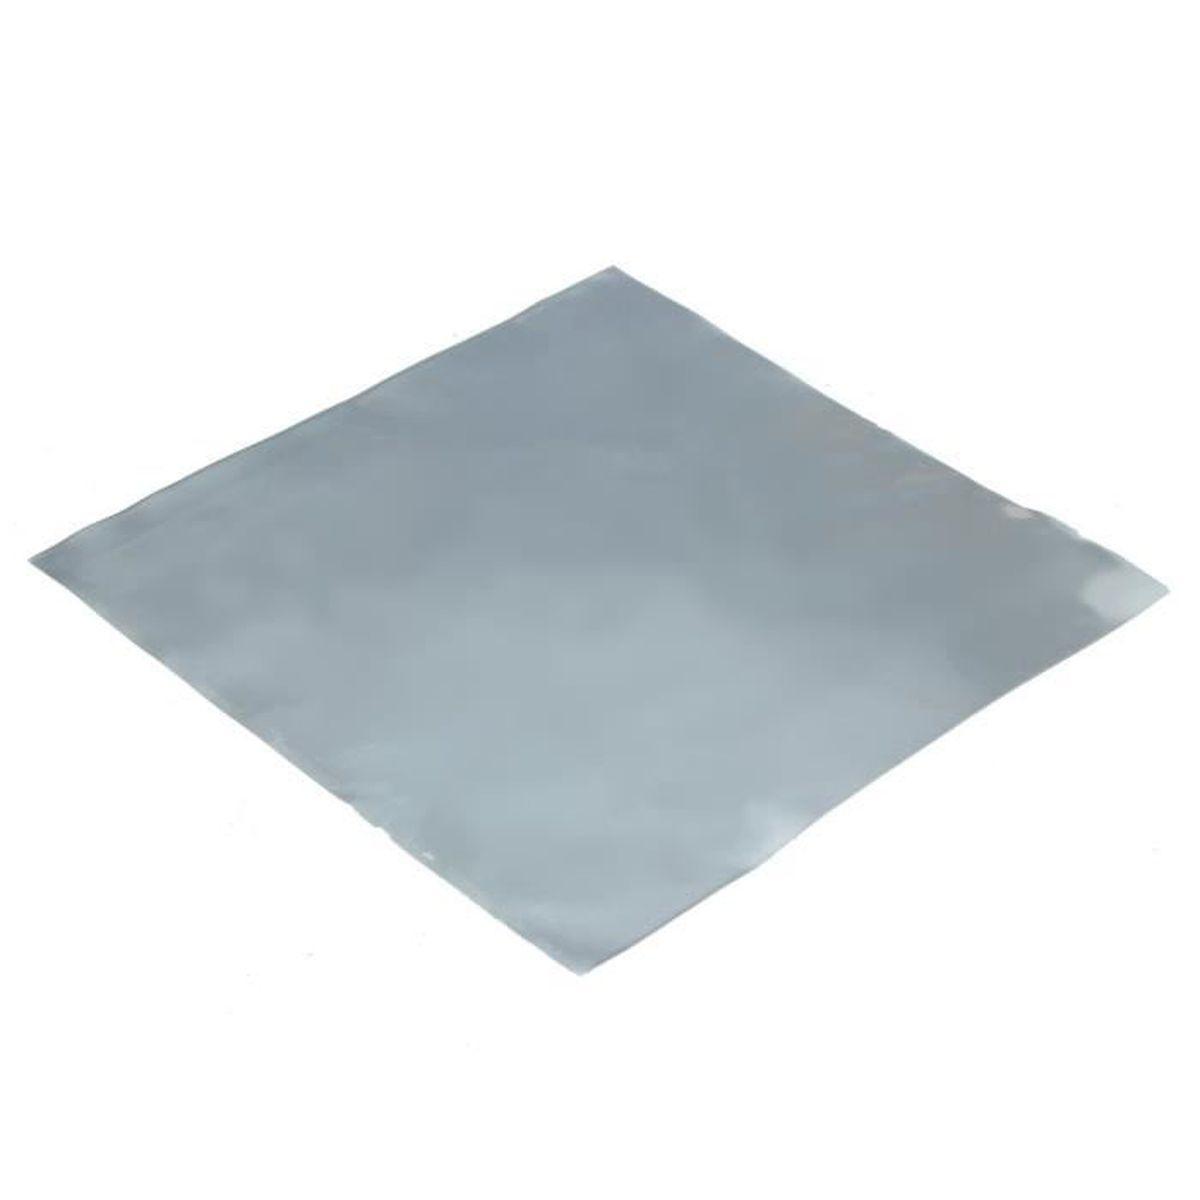 Feuille De Zinc Pour Cuisine zinc zn feuille plaque 100x100x0.2mm pr science chimie